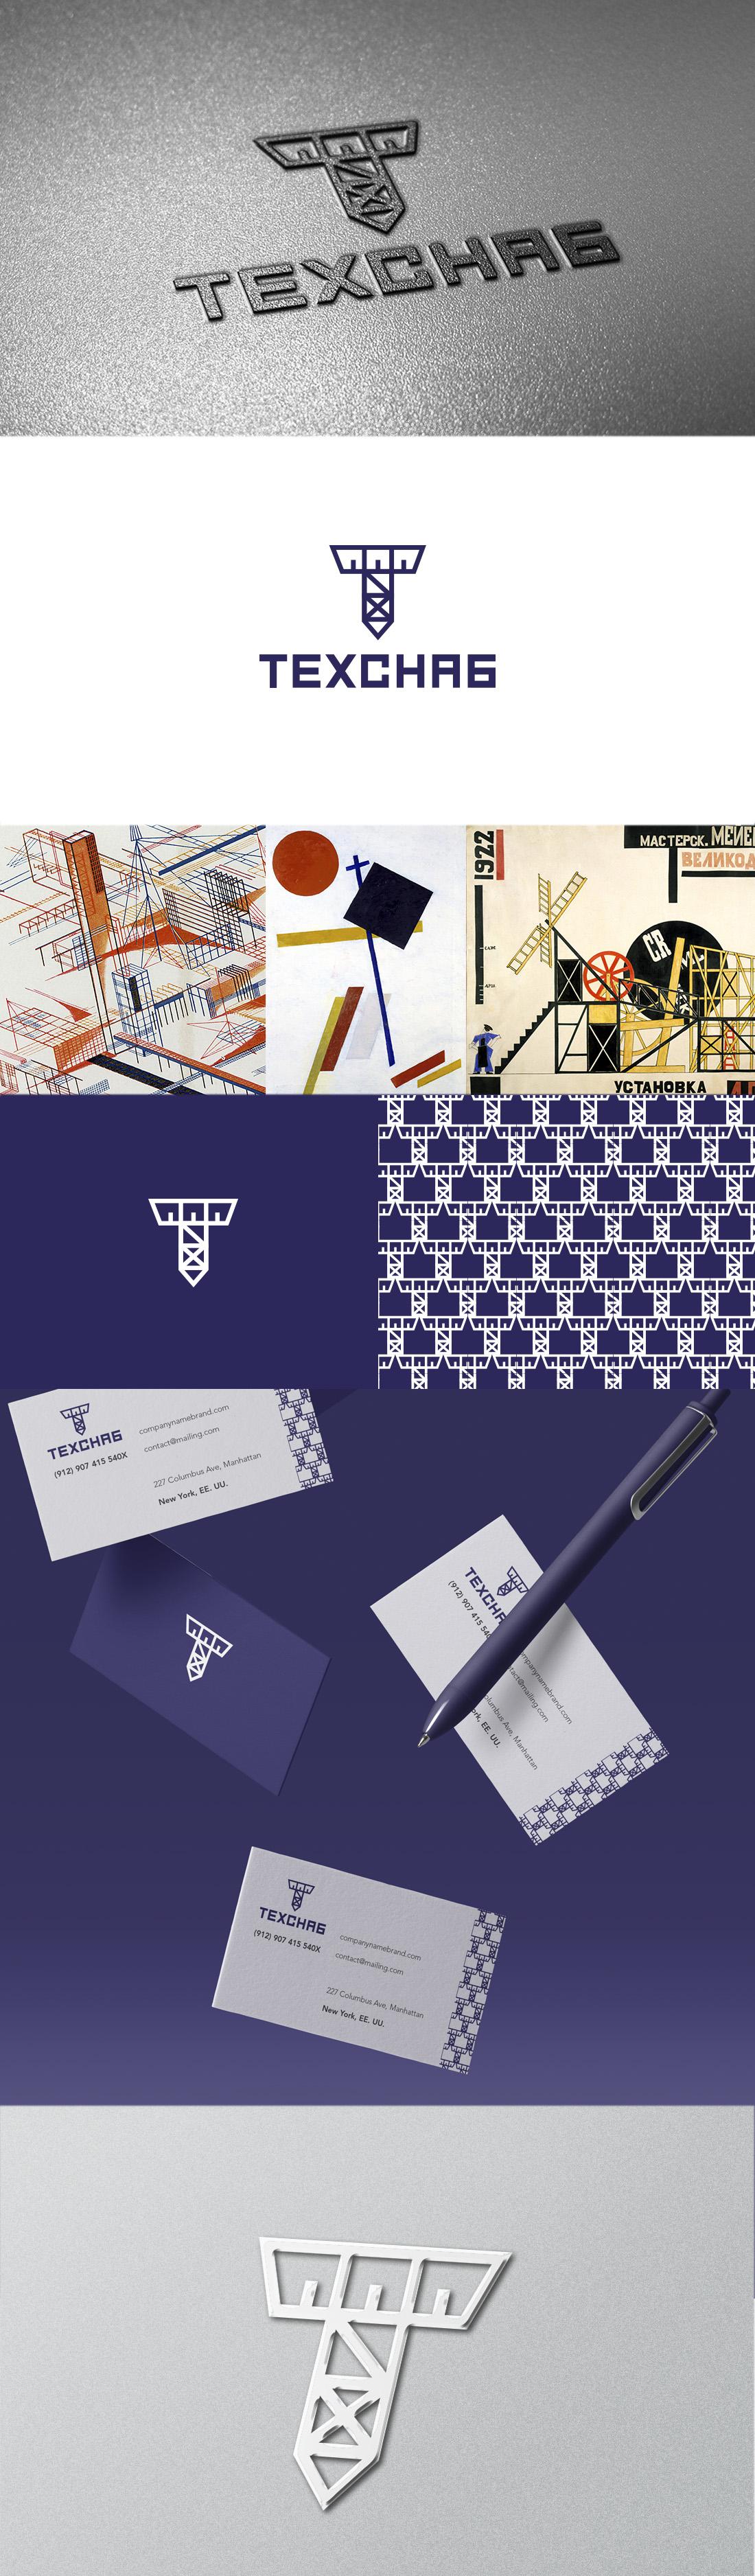 Разработка логотипа и фирм. стиля компании  ТЕХСНАБ фото f_9535b1e8afd45111.jpg